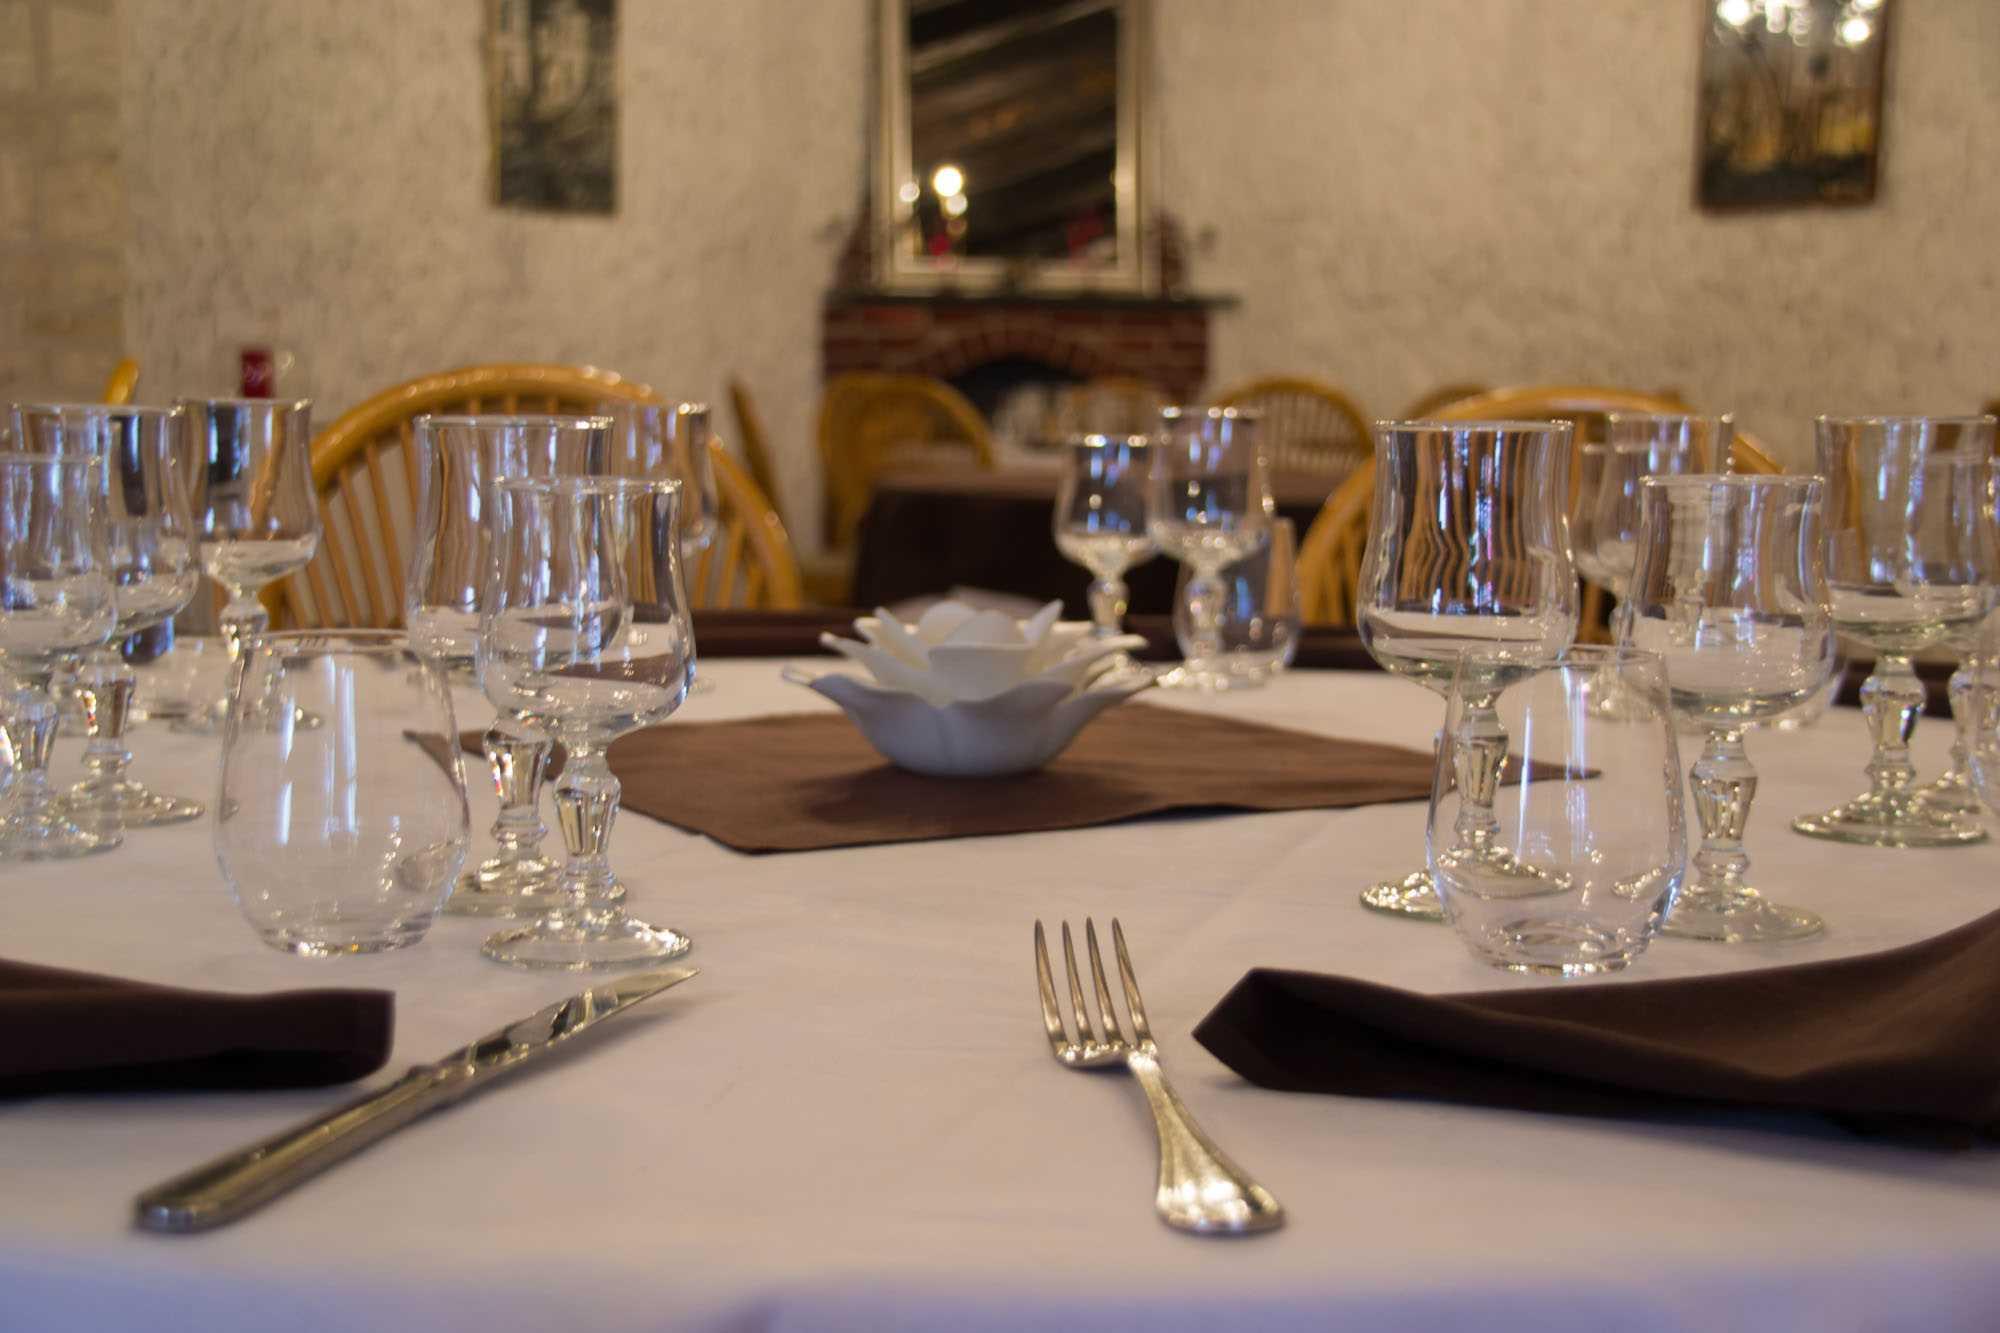 Pour vos évènements de groupes, repas de famille, mariages, vins d'honneur et baptêmes à blois